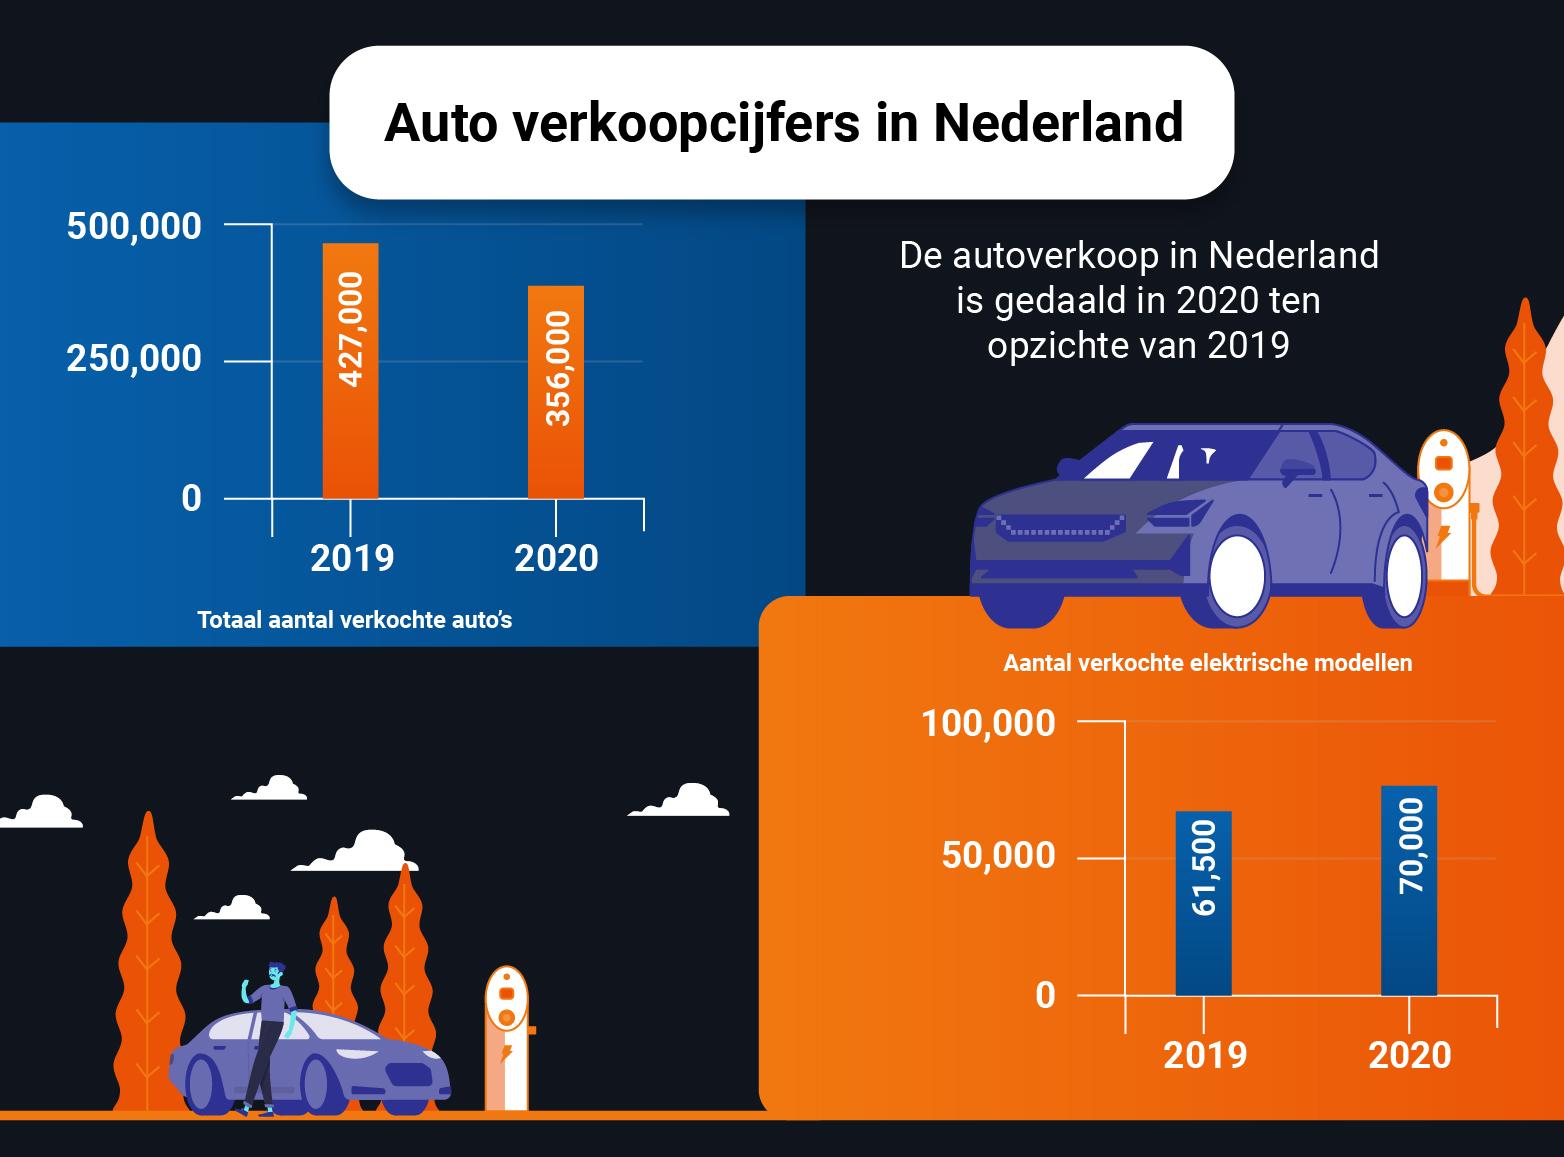 Auto verkoopcijfers in Nederland in 2020